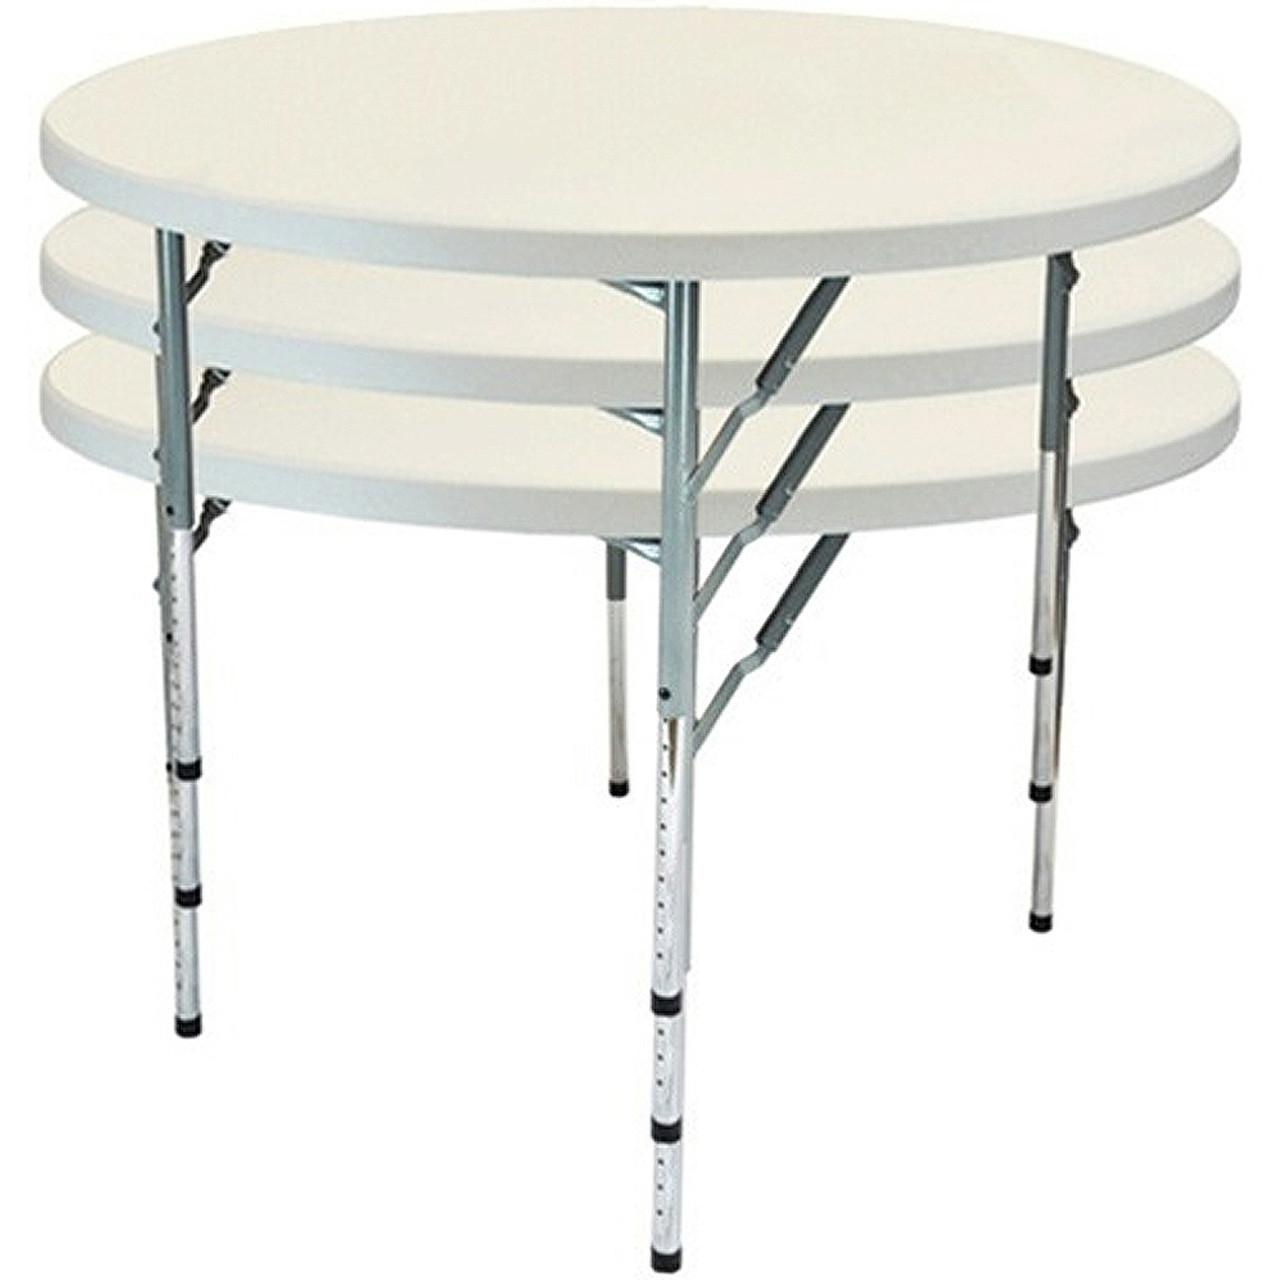 advantage 4 ft round adjustable plastic folding table ftd48r adj seats 6 adults